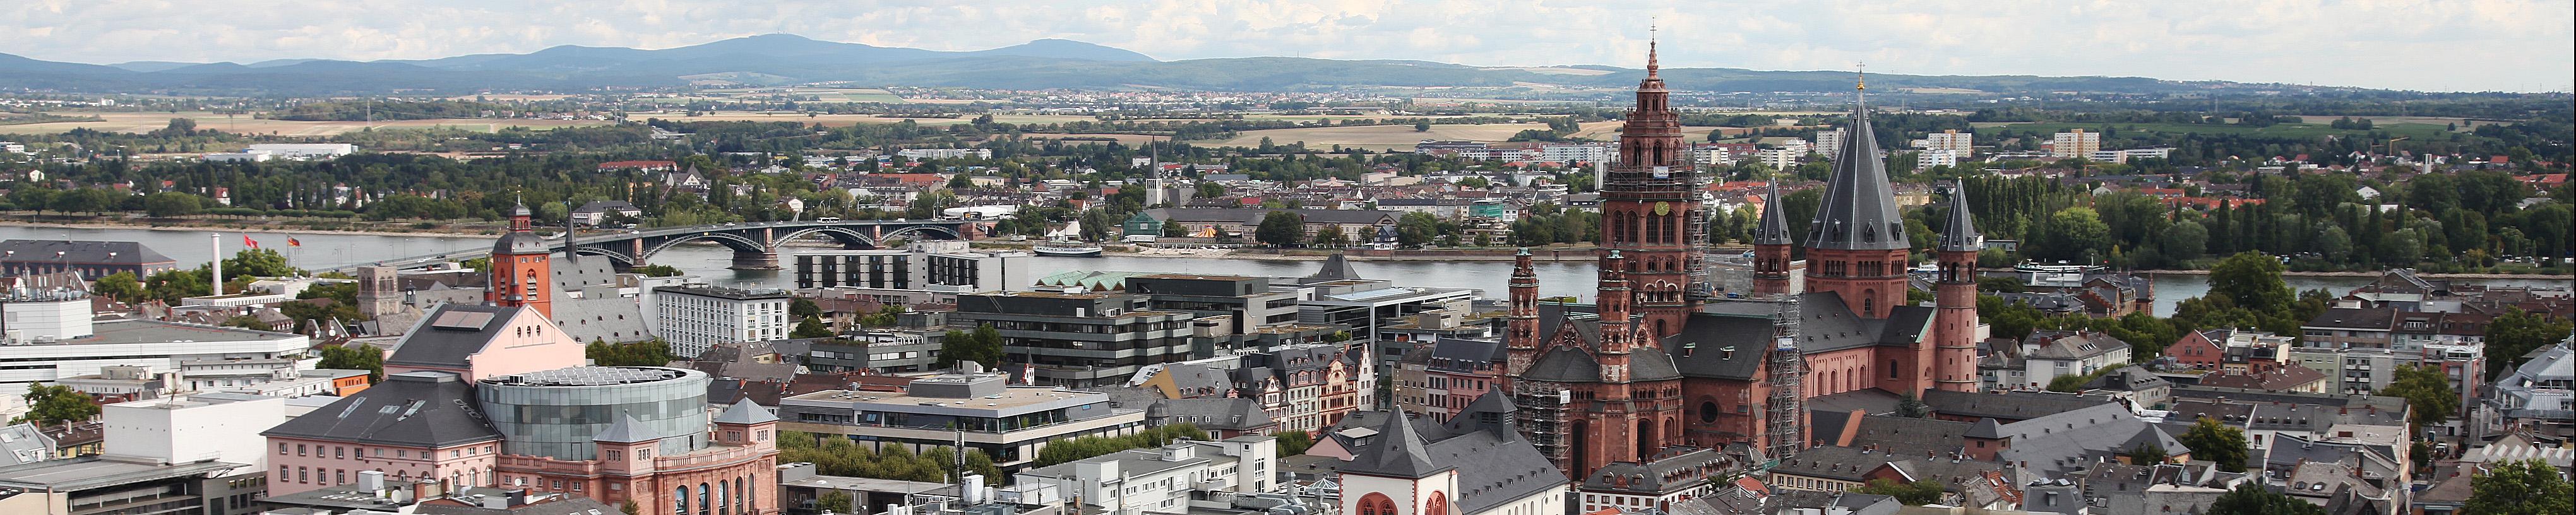 Dompfarrei St. Martin und St. Quintin